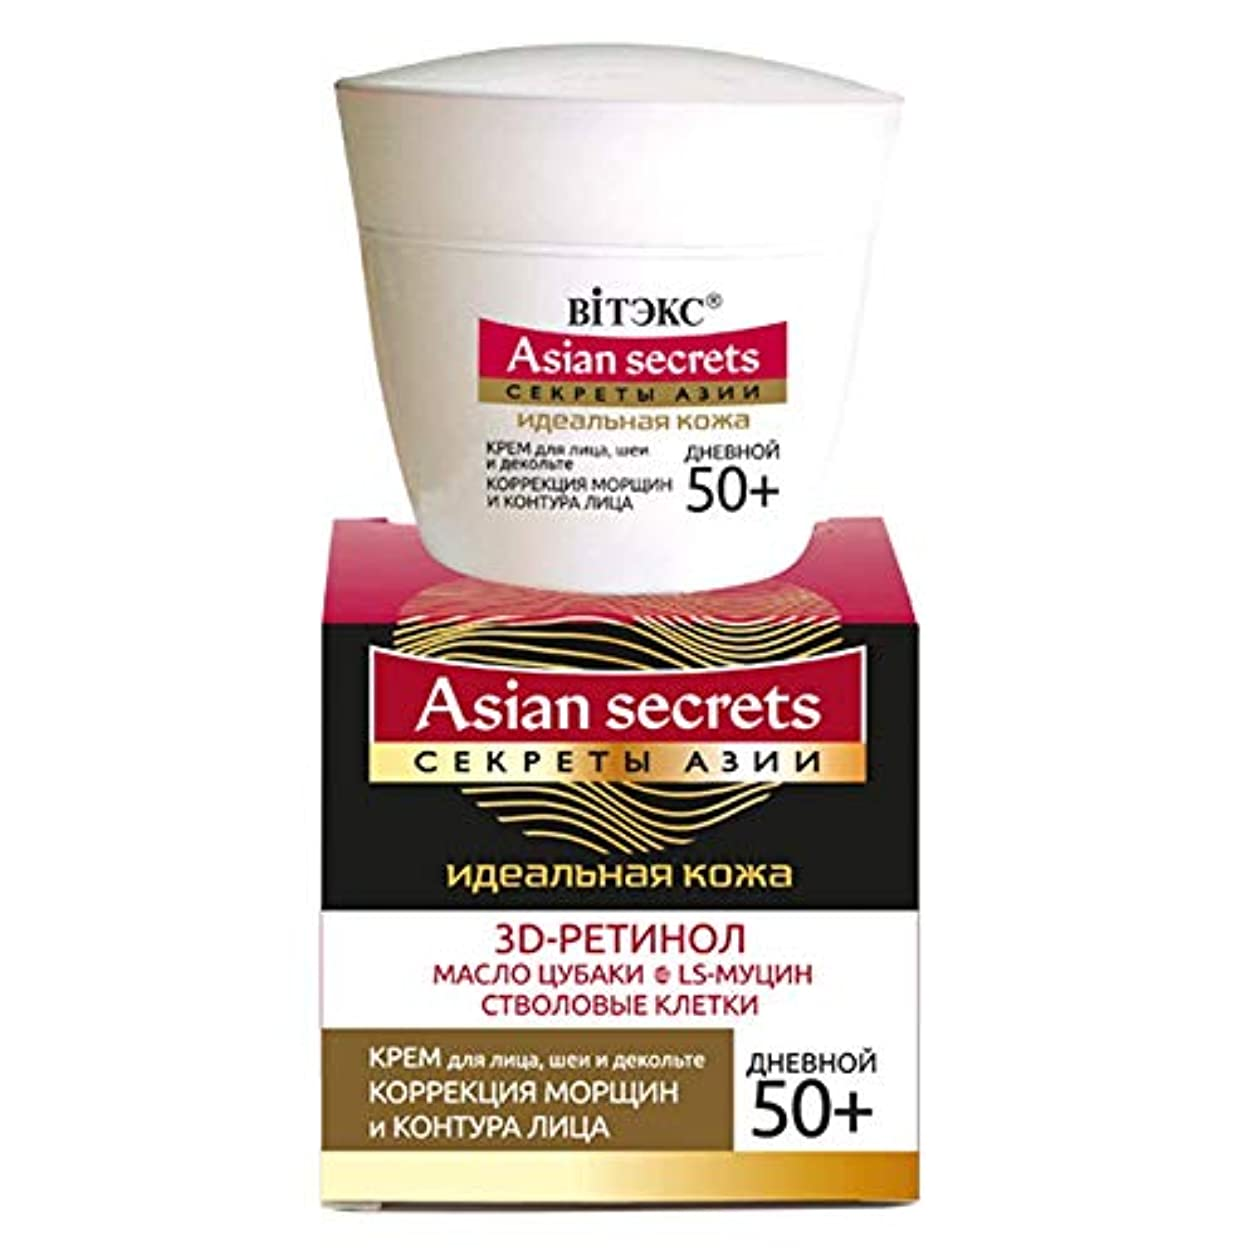 織機冷蔵する五Bielita & Vitex | Asian seсrets | Day cream for face, neck and neckline | Wrinkle and facial contour correction | 50+ | 3D retinol | TsUBAK OIL | STEM CELLS | LS-MUCIN | 45 ml